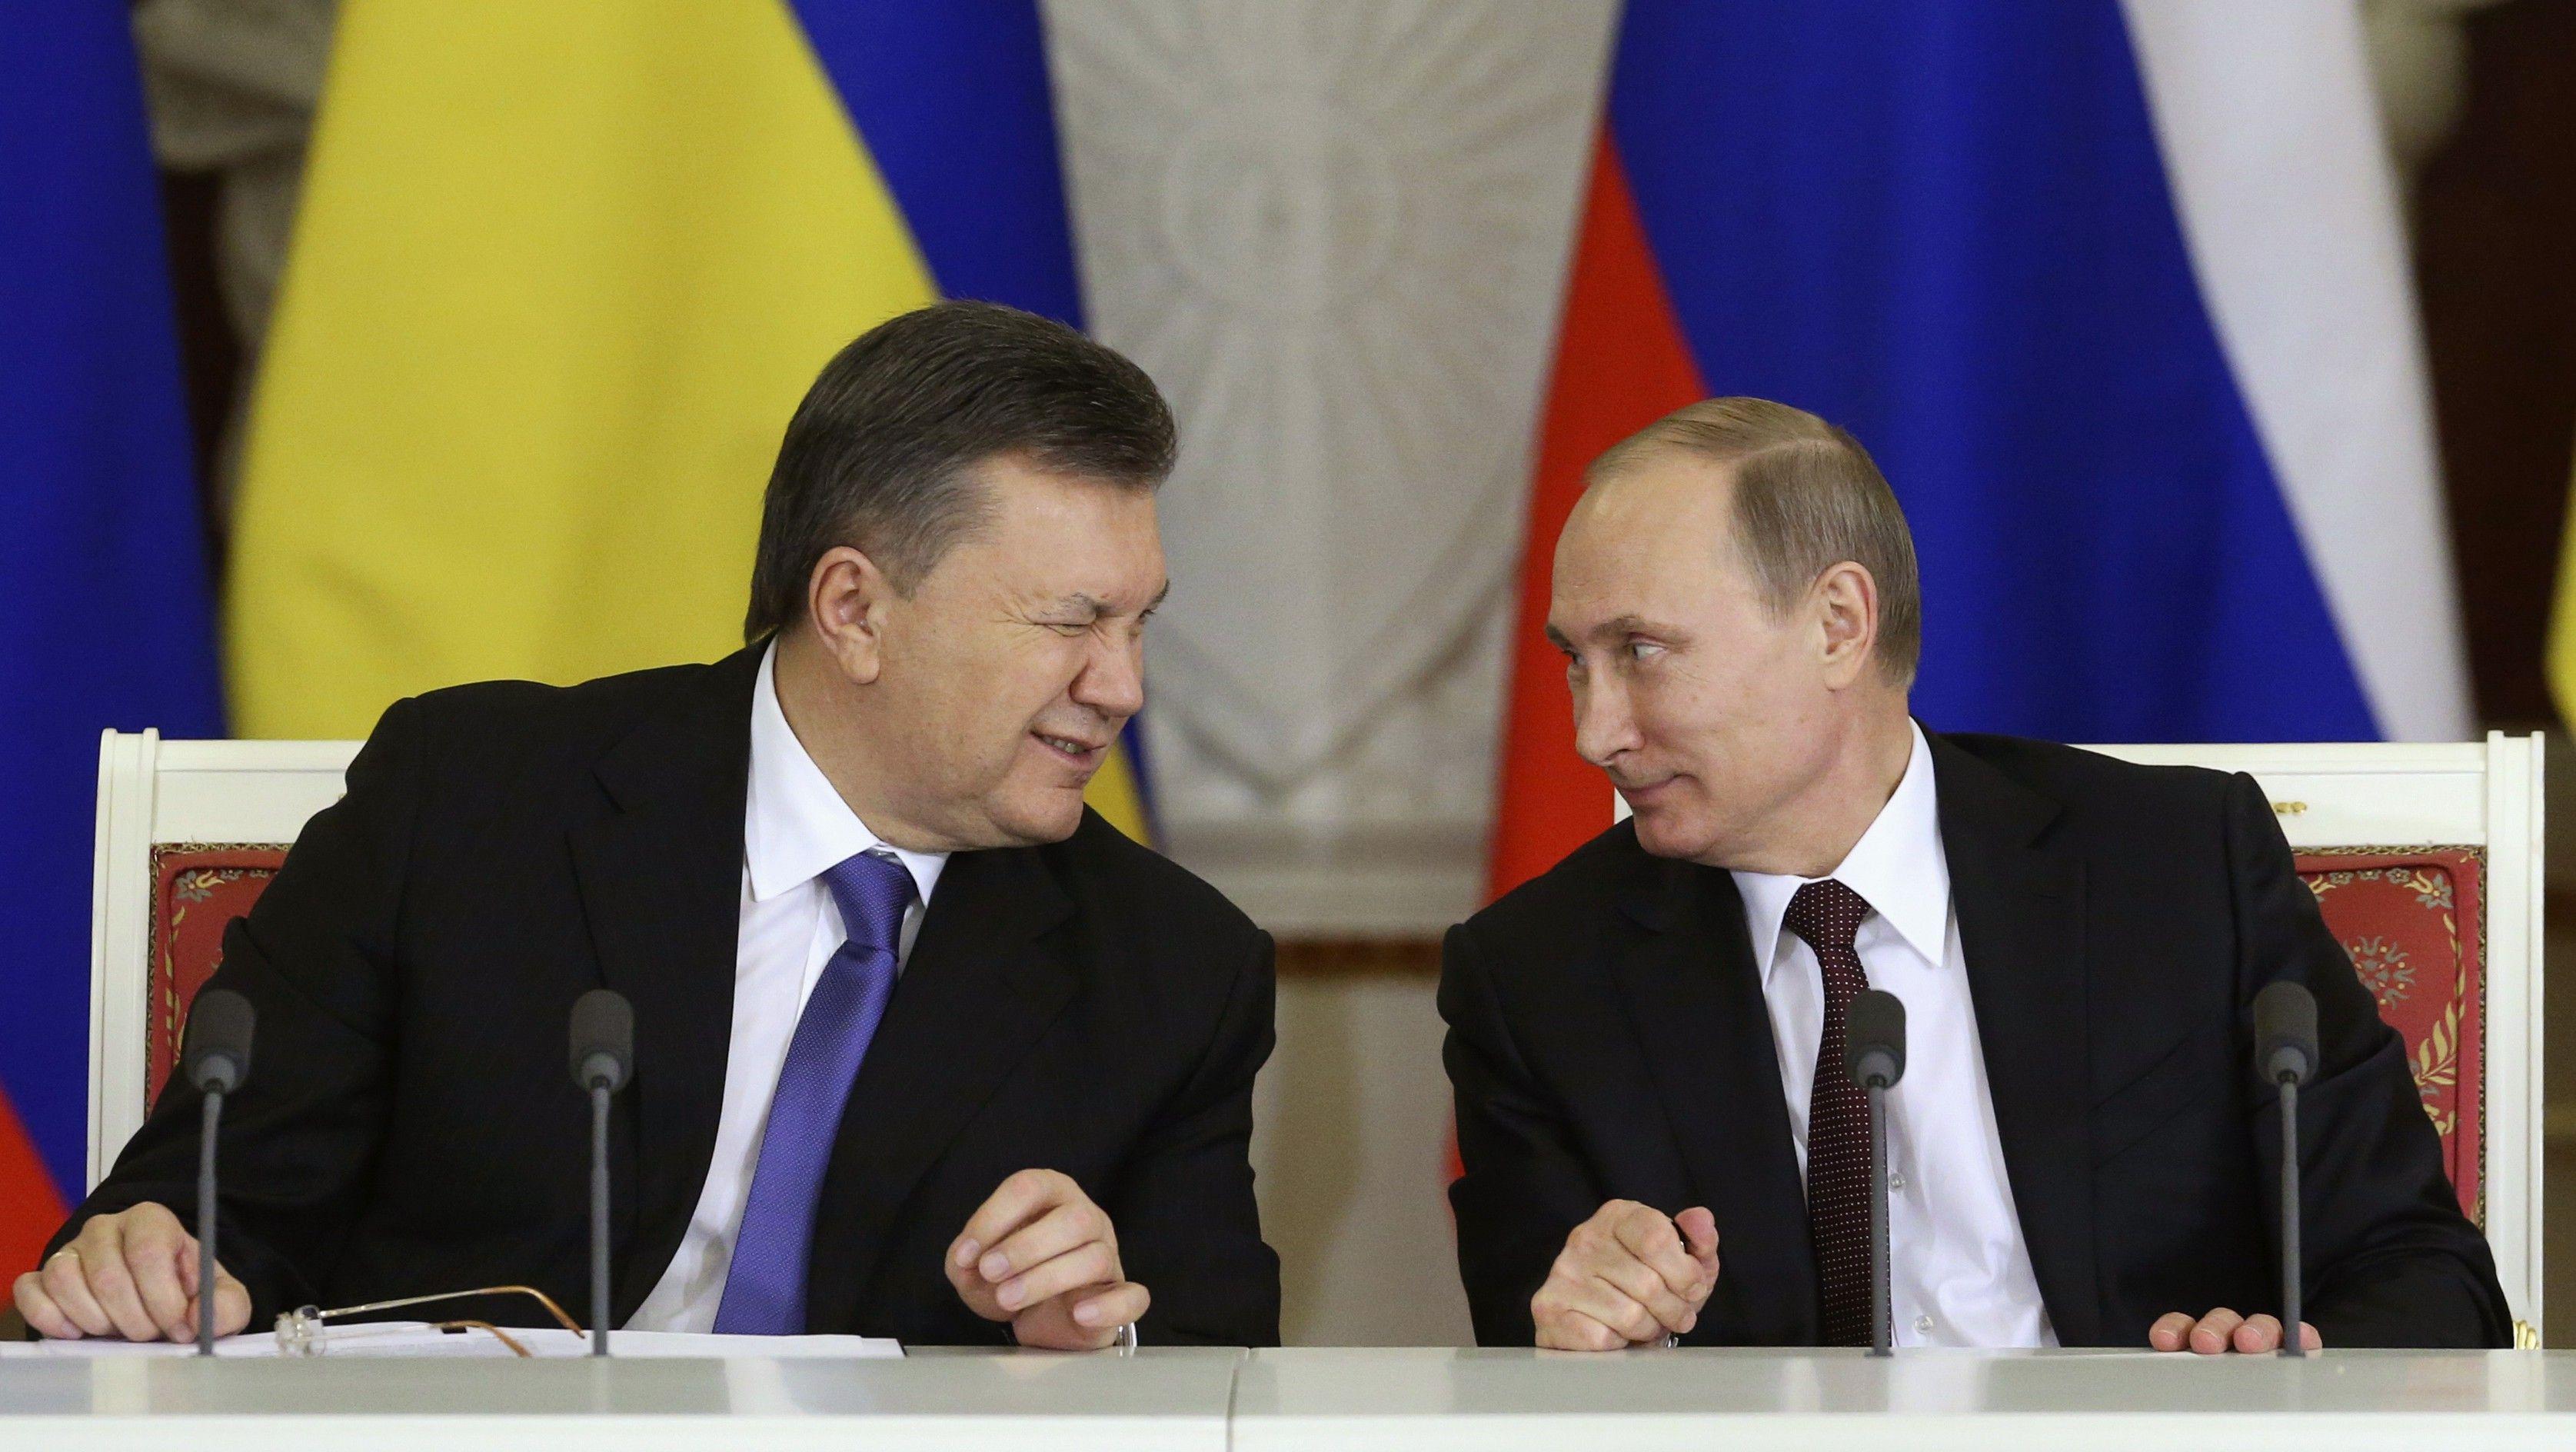 Fostul președinte de la Kiev, Viktor Ianukovyci, mizează pe sprijinul liderului rus Vladimir Putin pentru a reveni în Ucraina